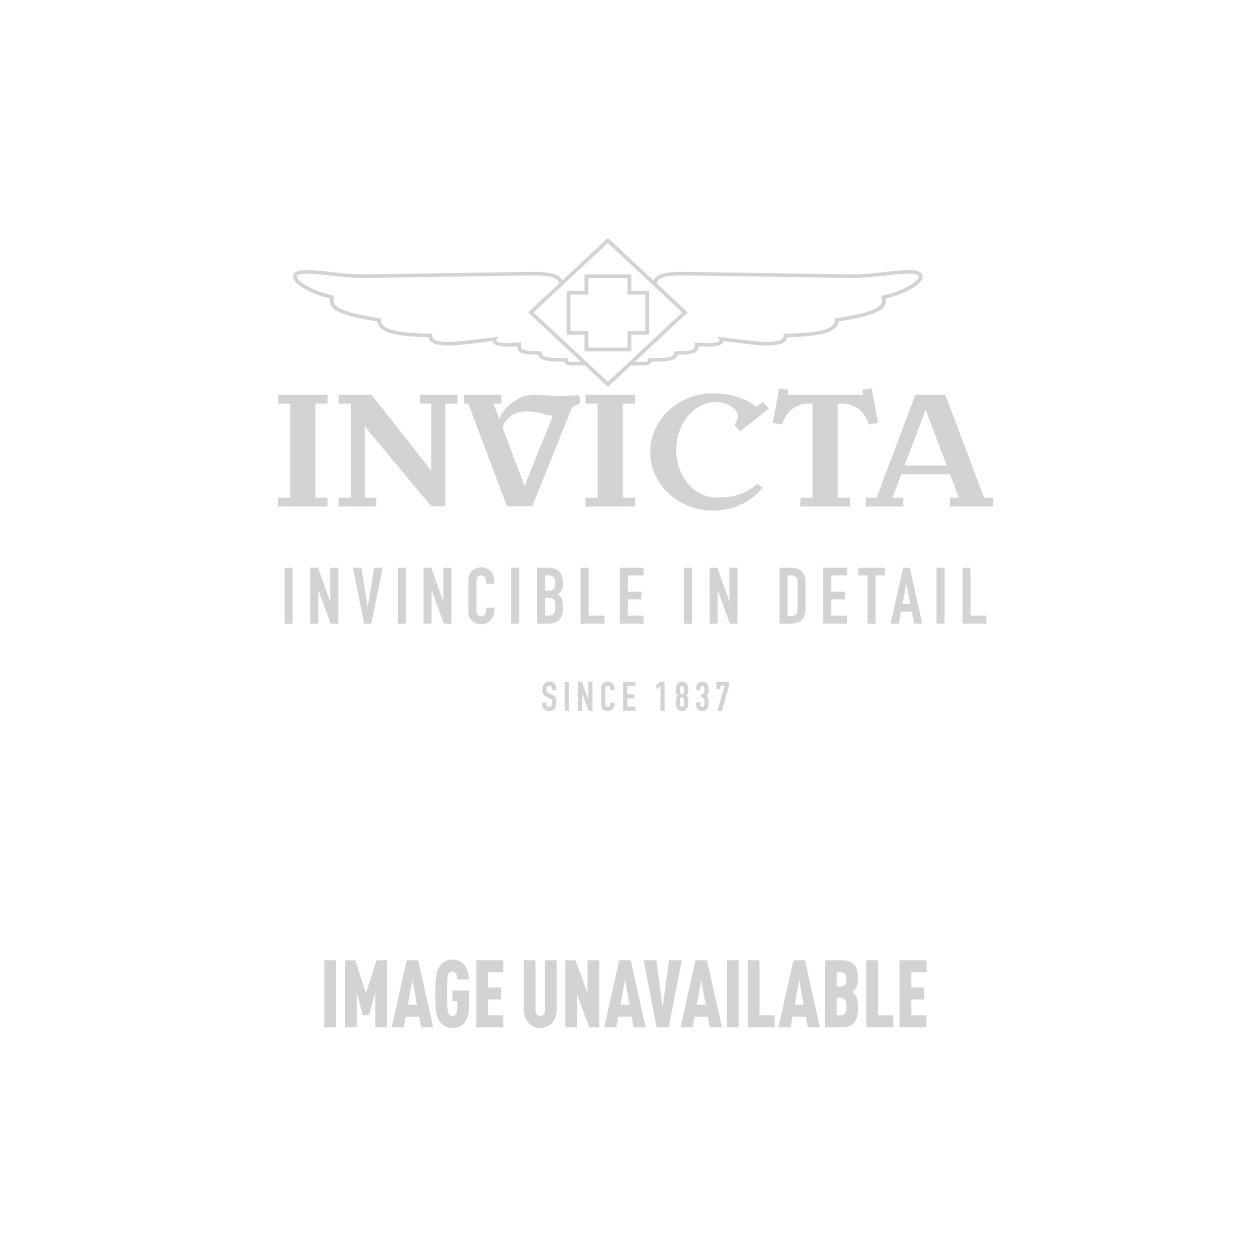 Invicta Model 27591